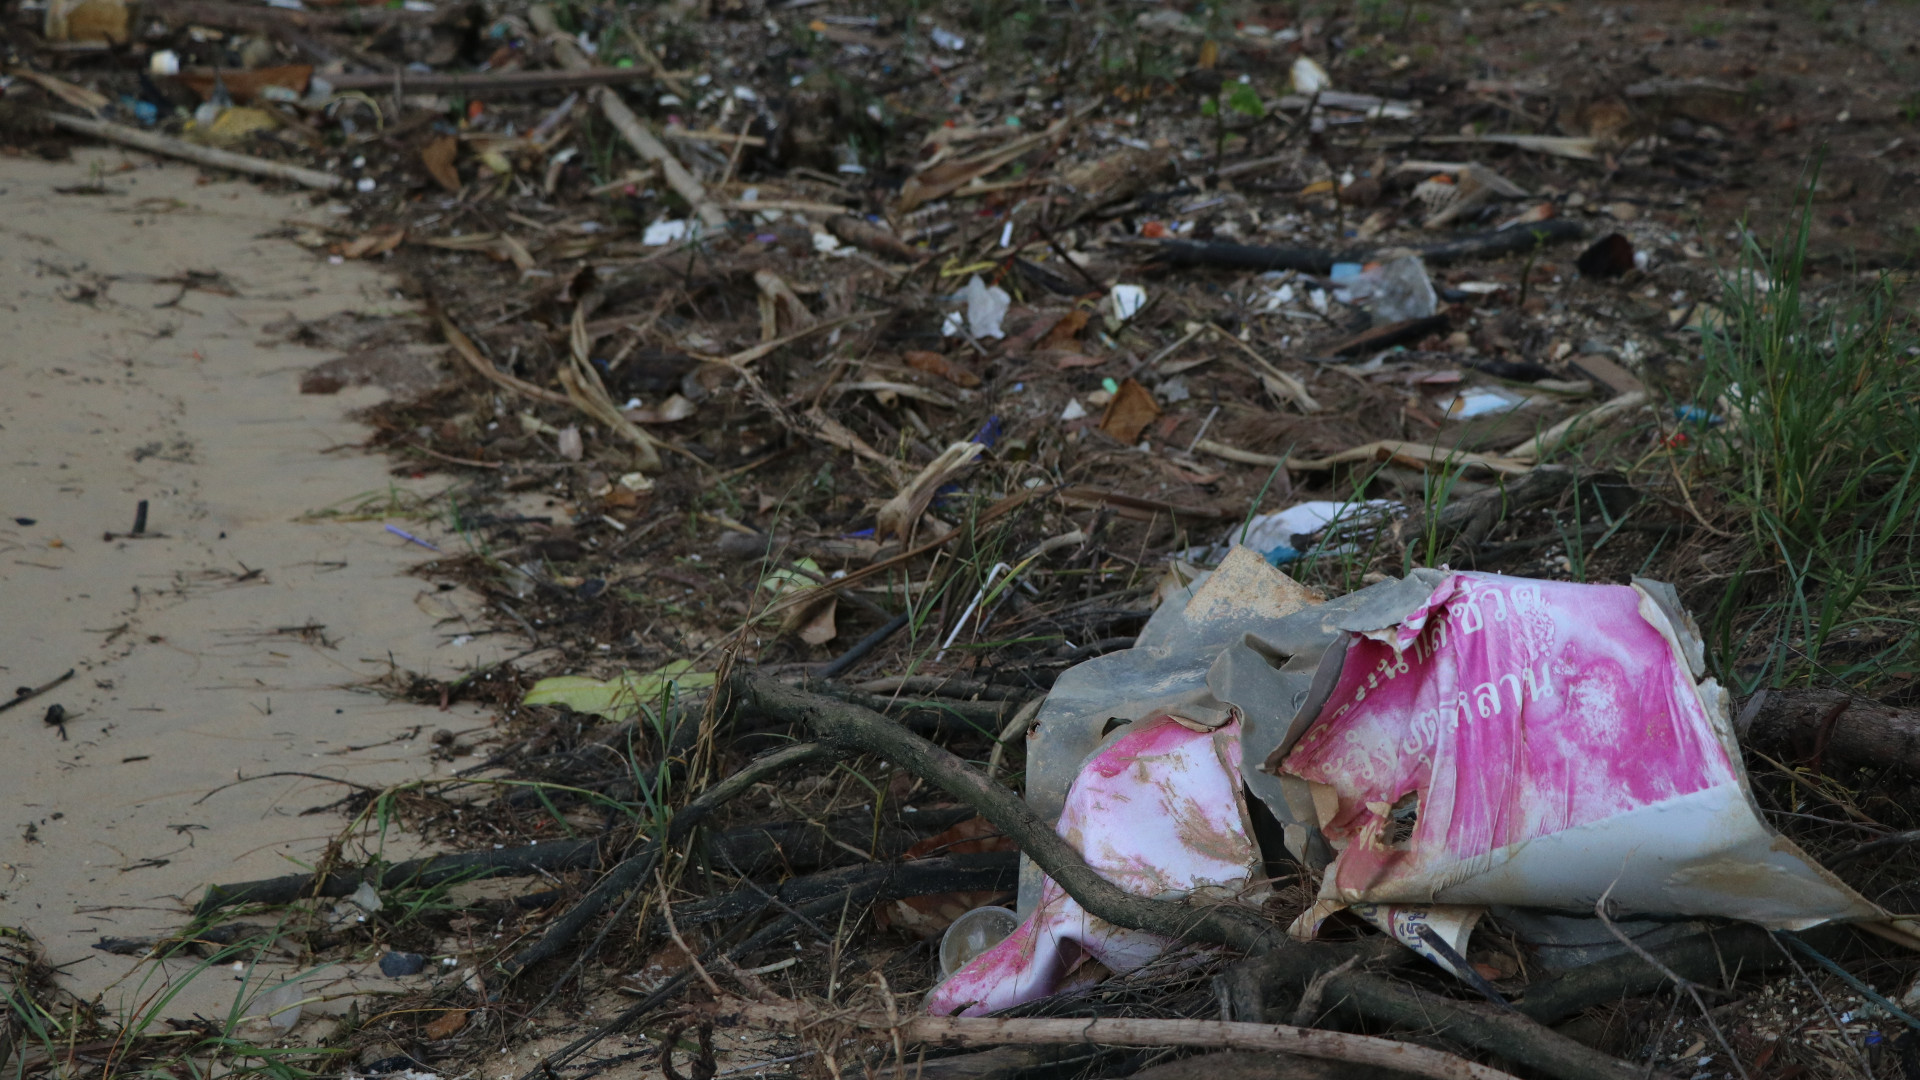 thailand beach trash plastic